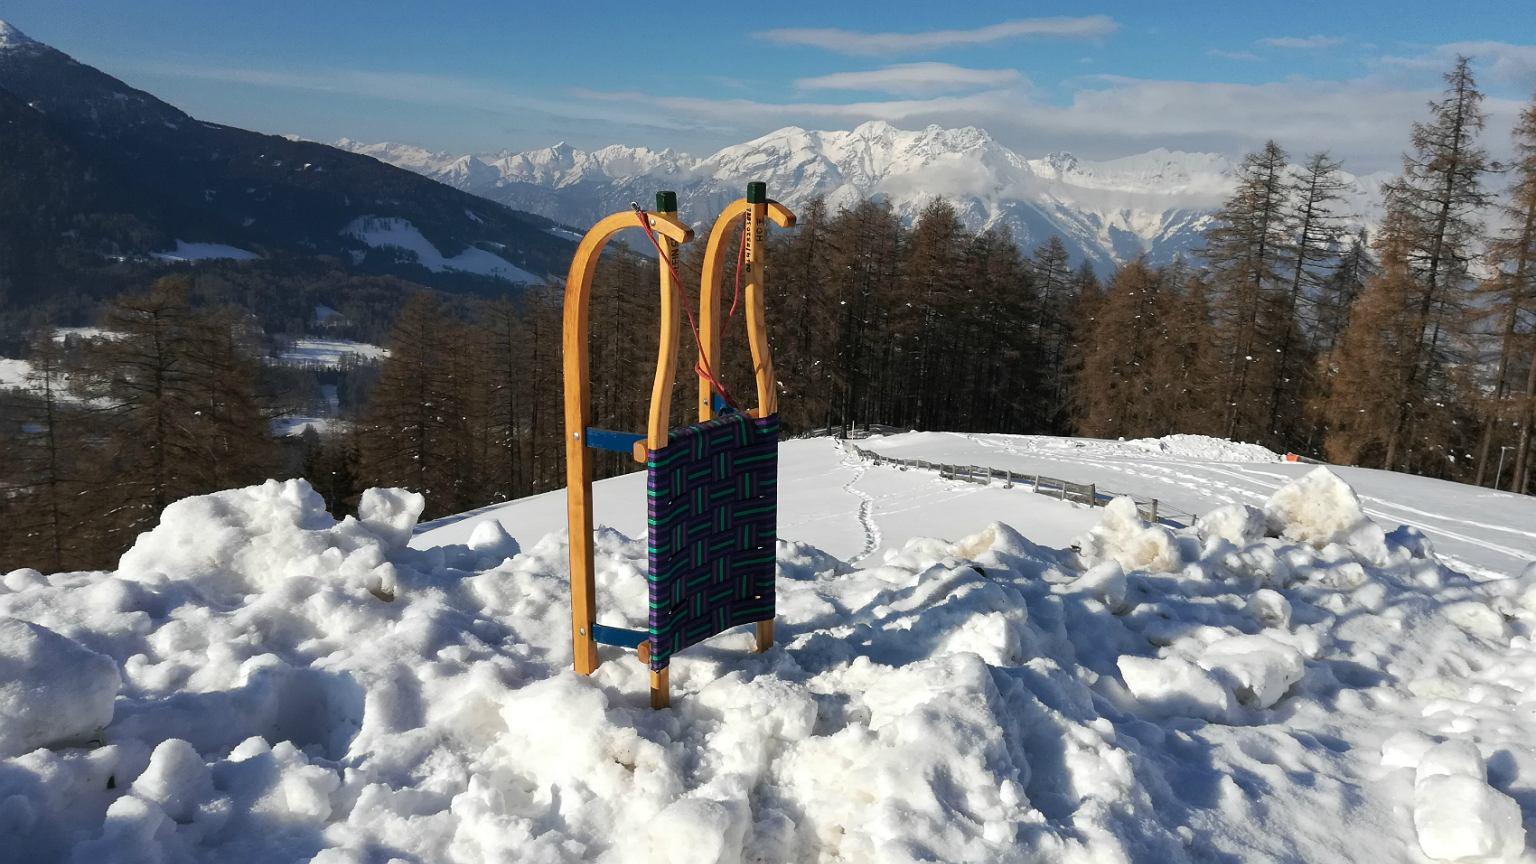 W całym Tyrolu znajduje się ponad 750 km torów saneczkowych (fot: Ewa Jankowska)